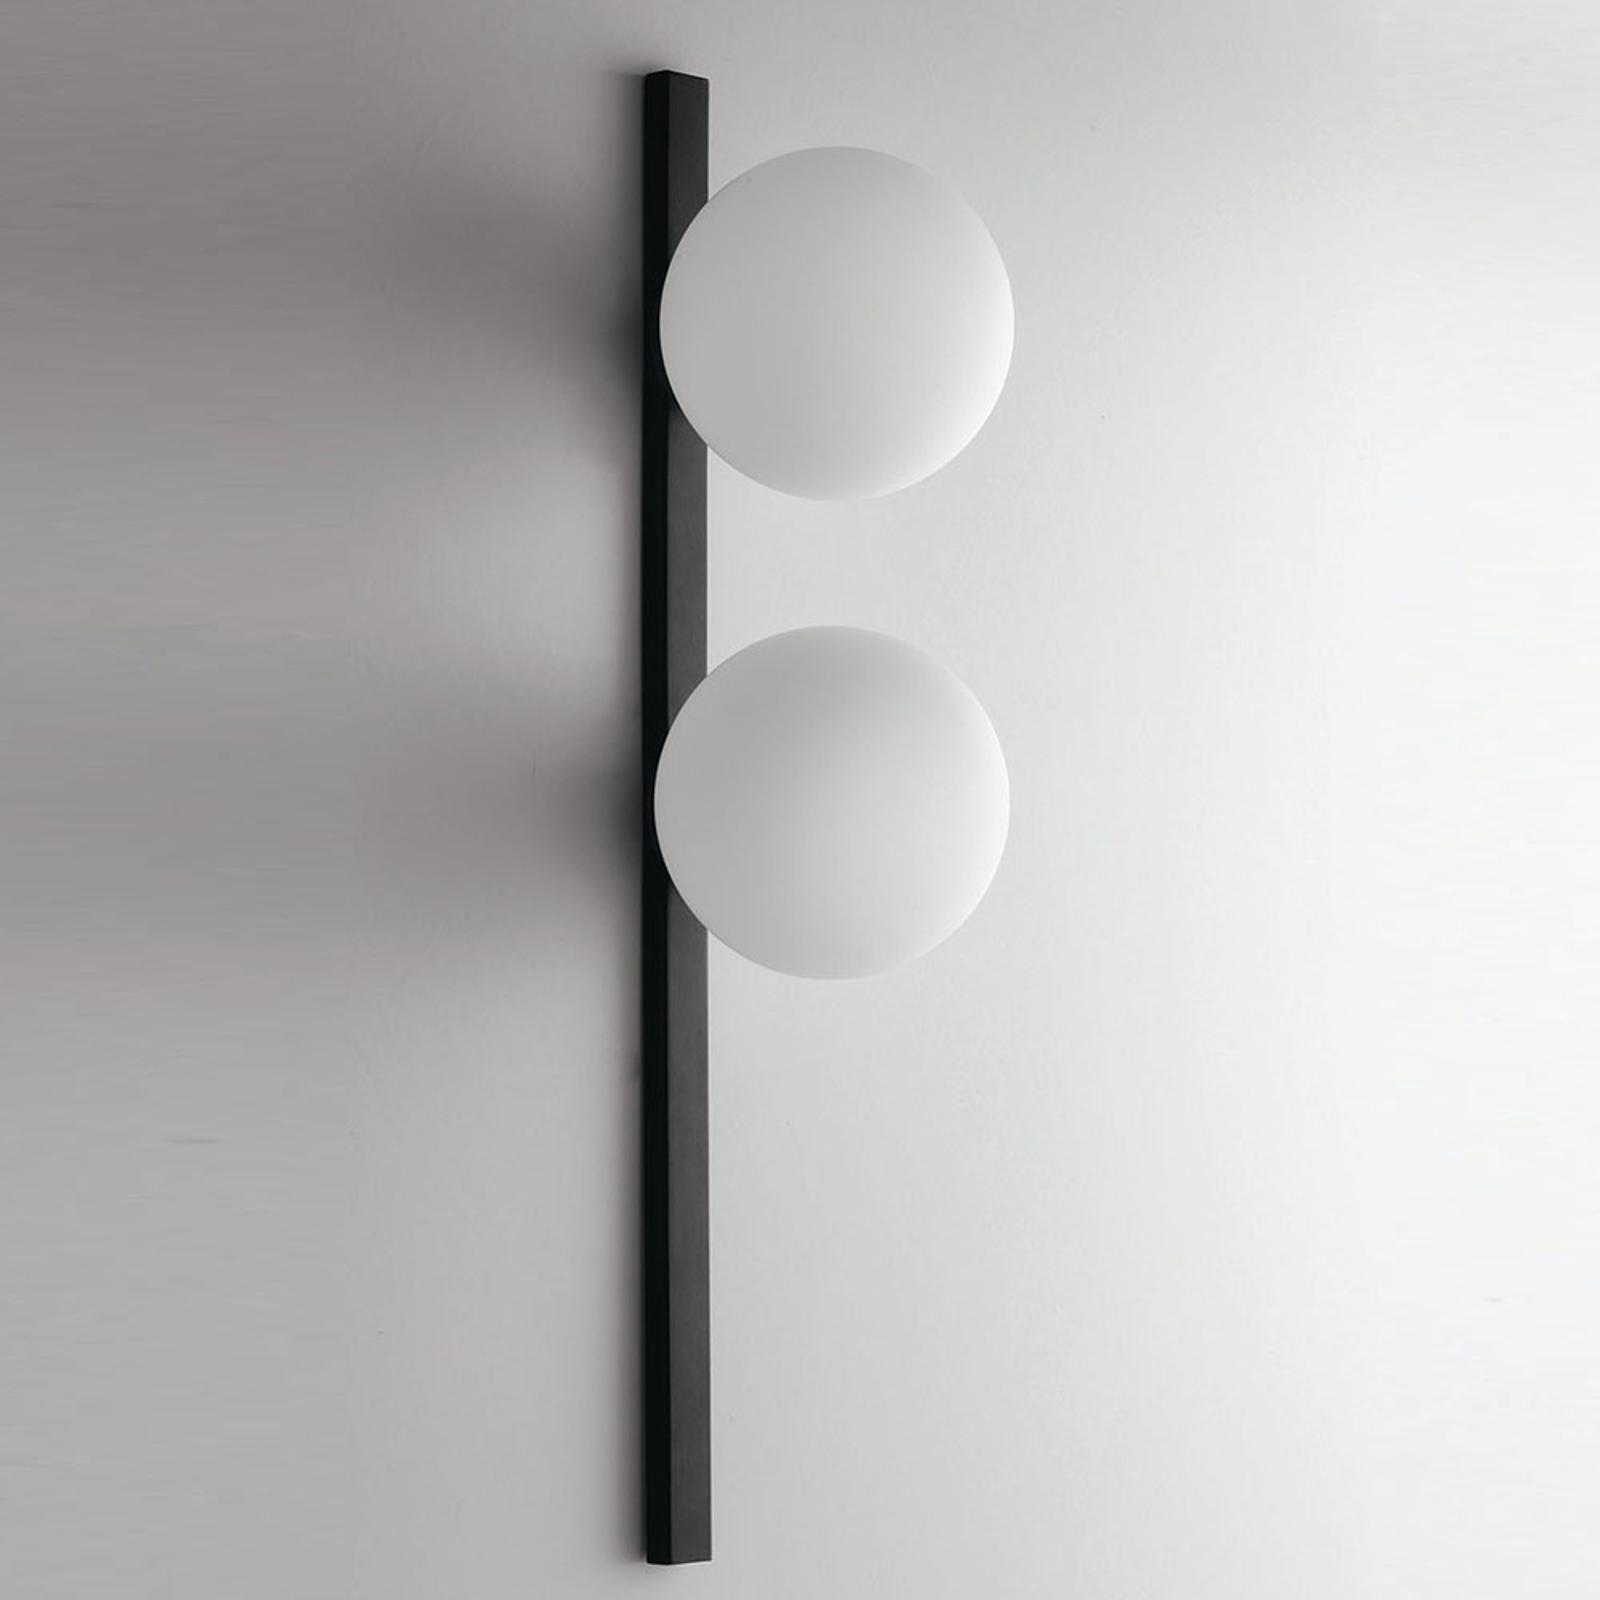 Aplique Enoire en blanco y negro, 2 luces